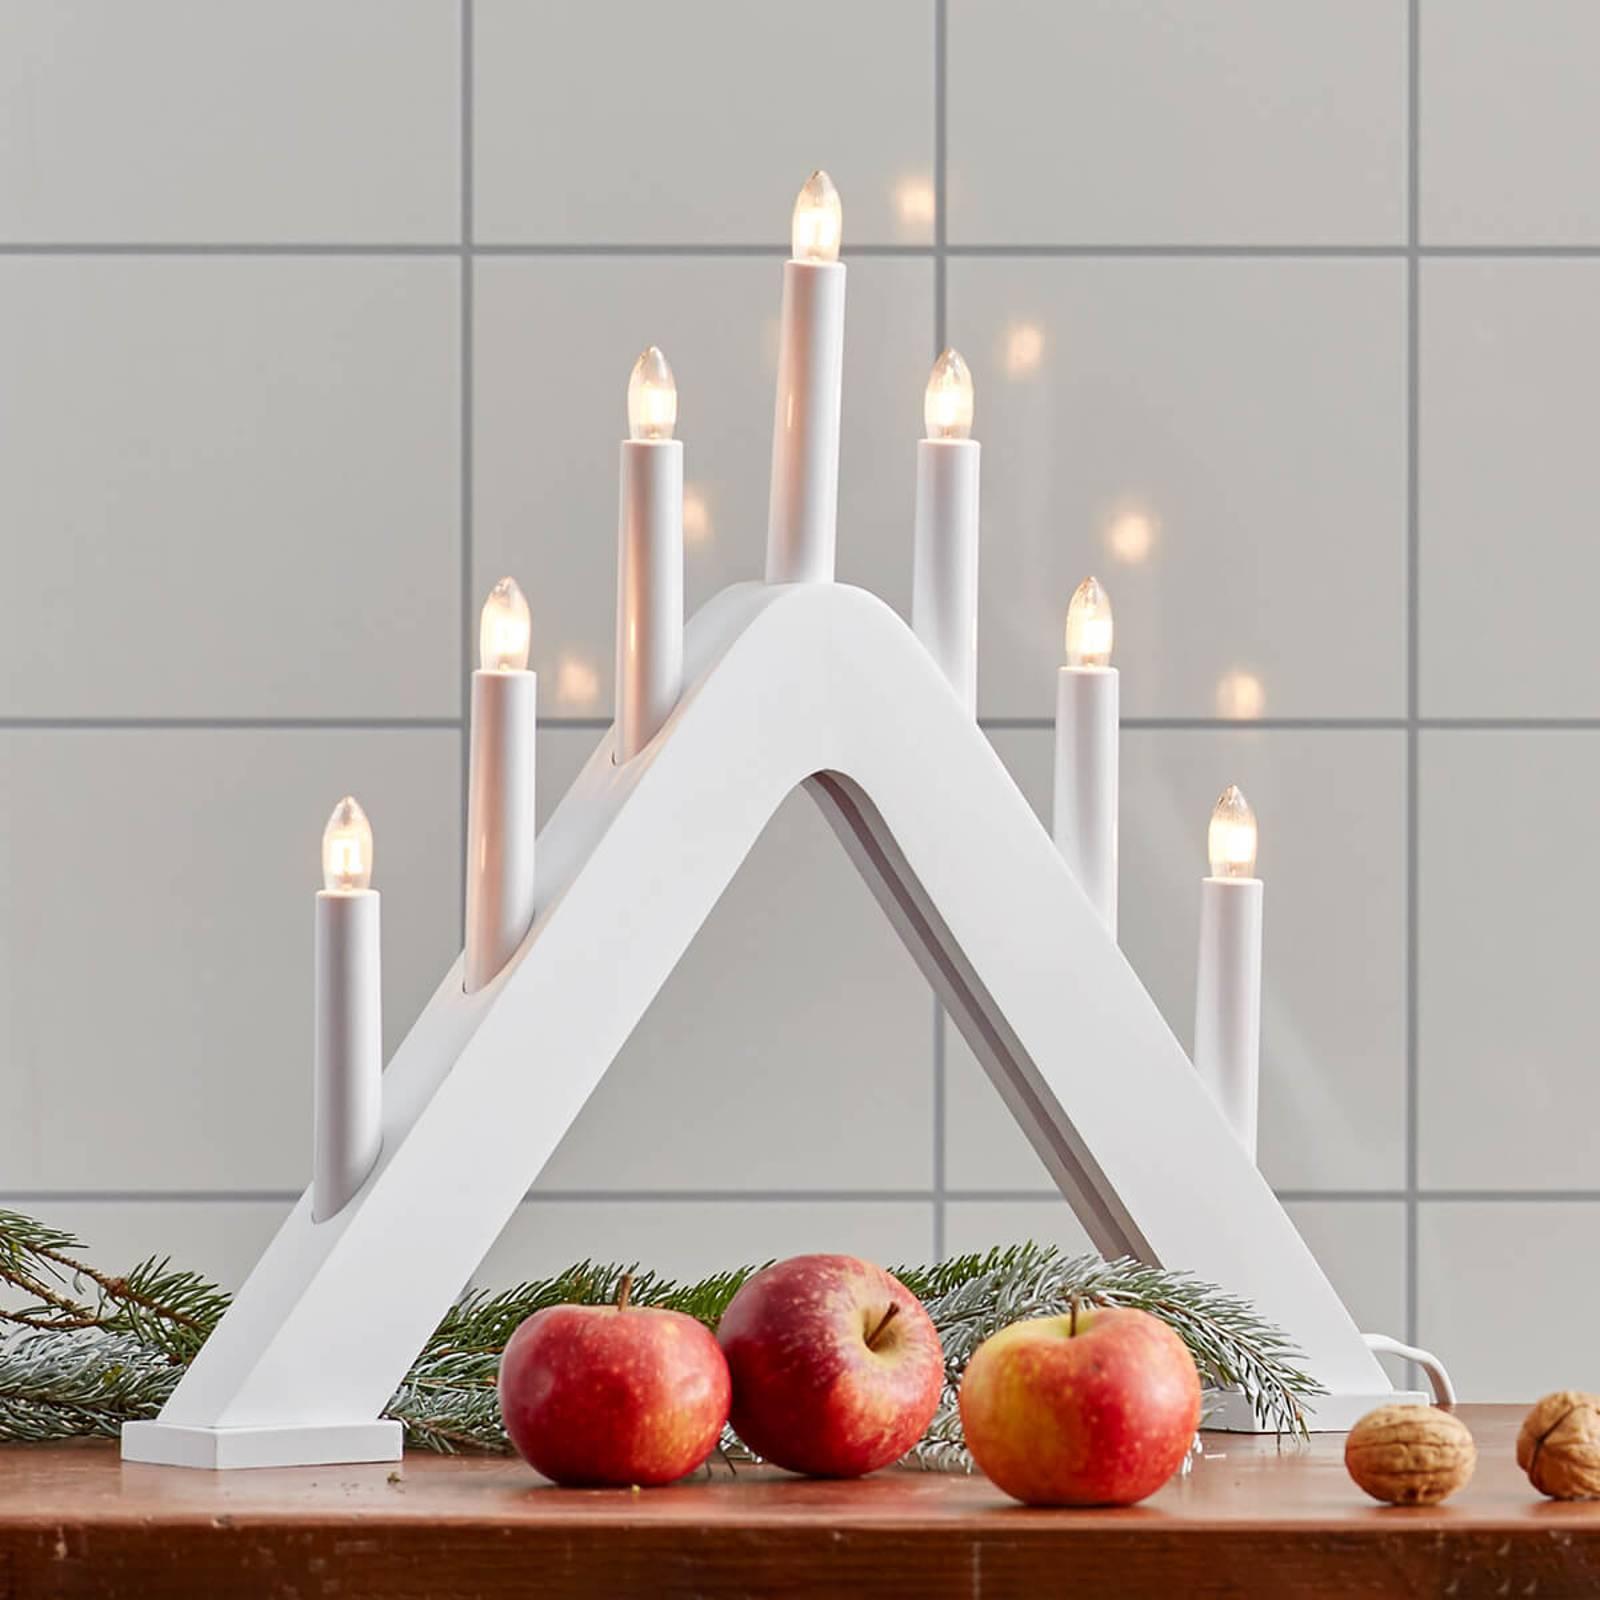 Moderni Jarve-kynttekillö, valkoinen